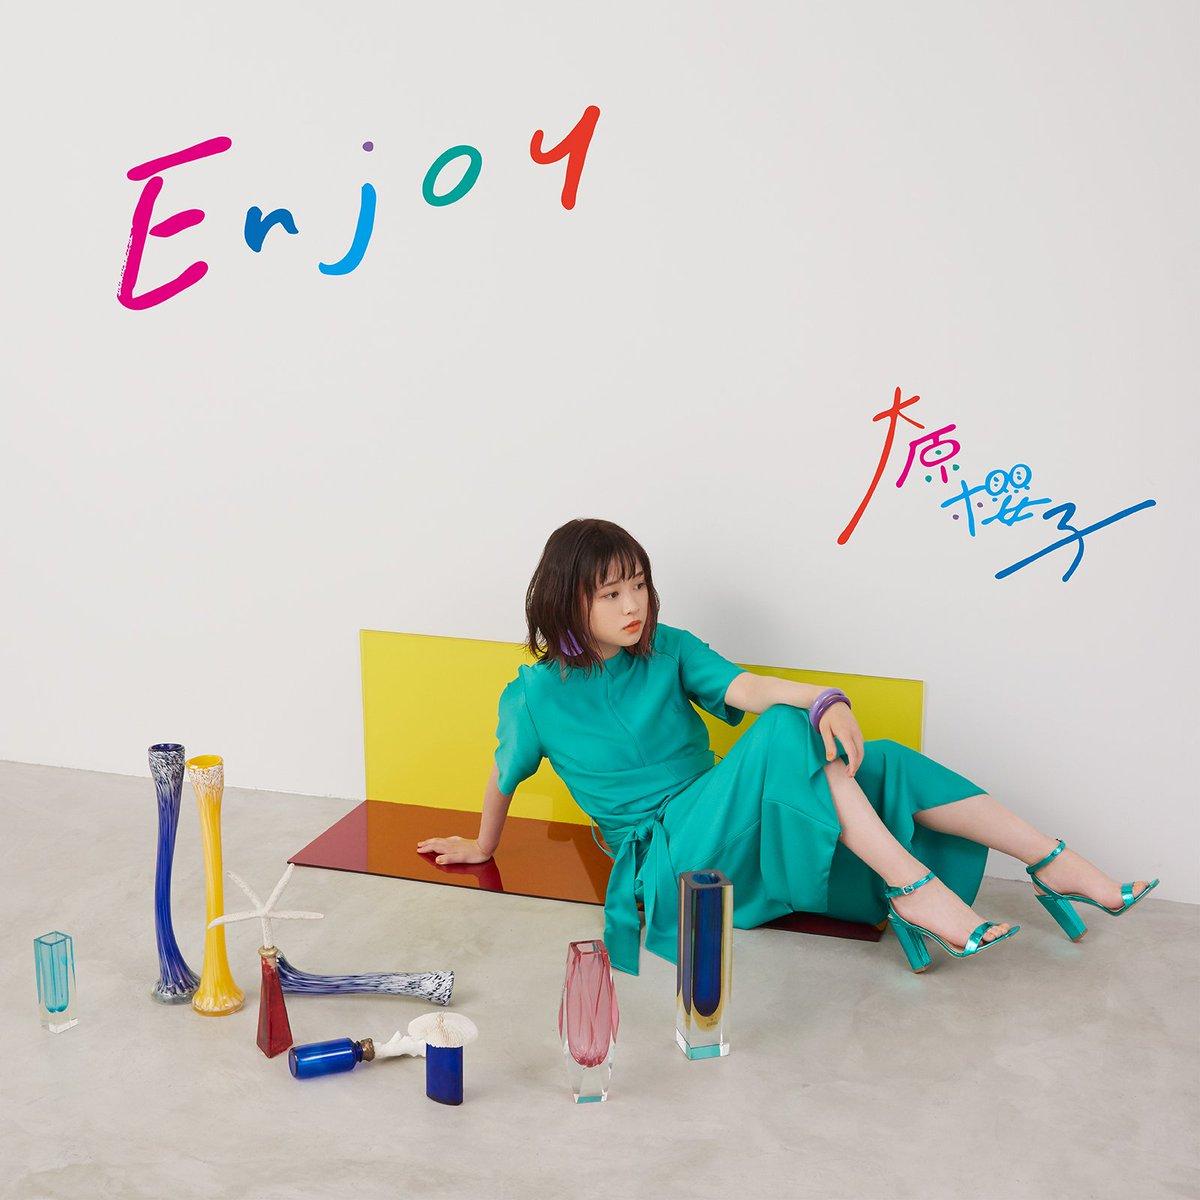 20180702.2117.12 Sakurako Ohara - Enjoy cover 3.jpg